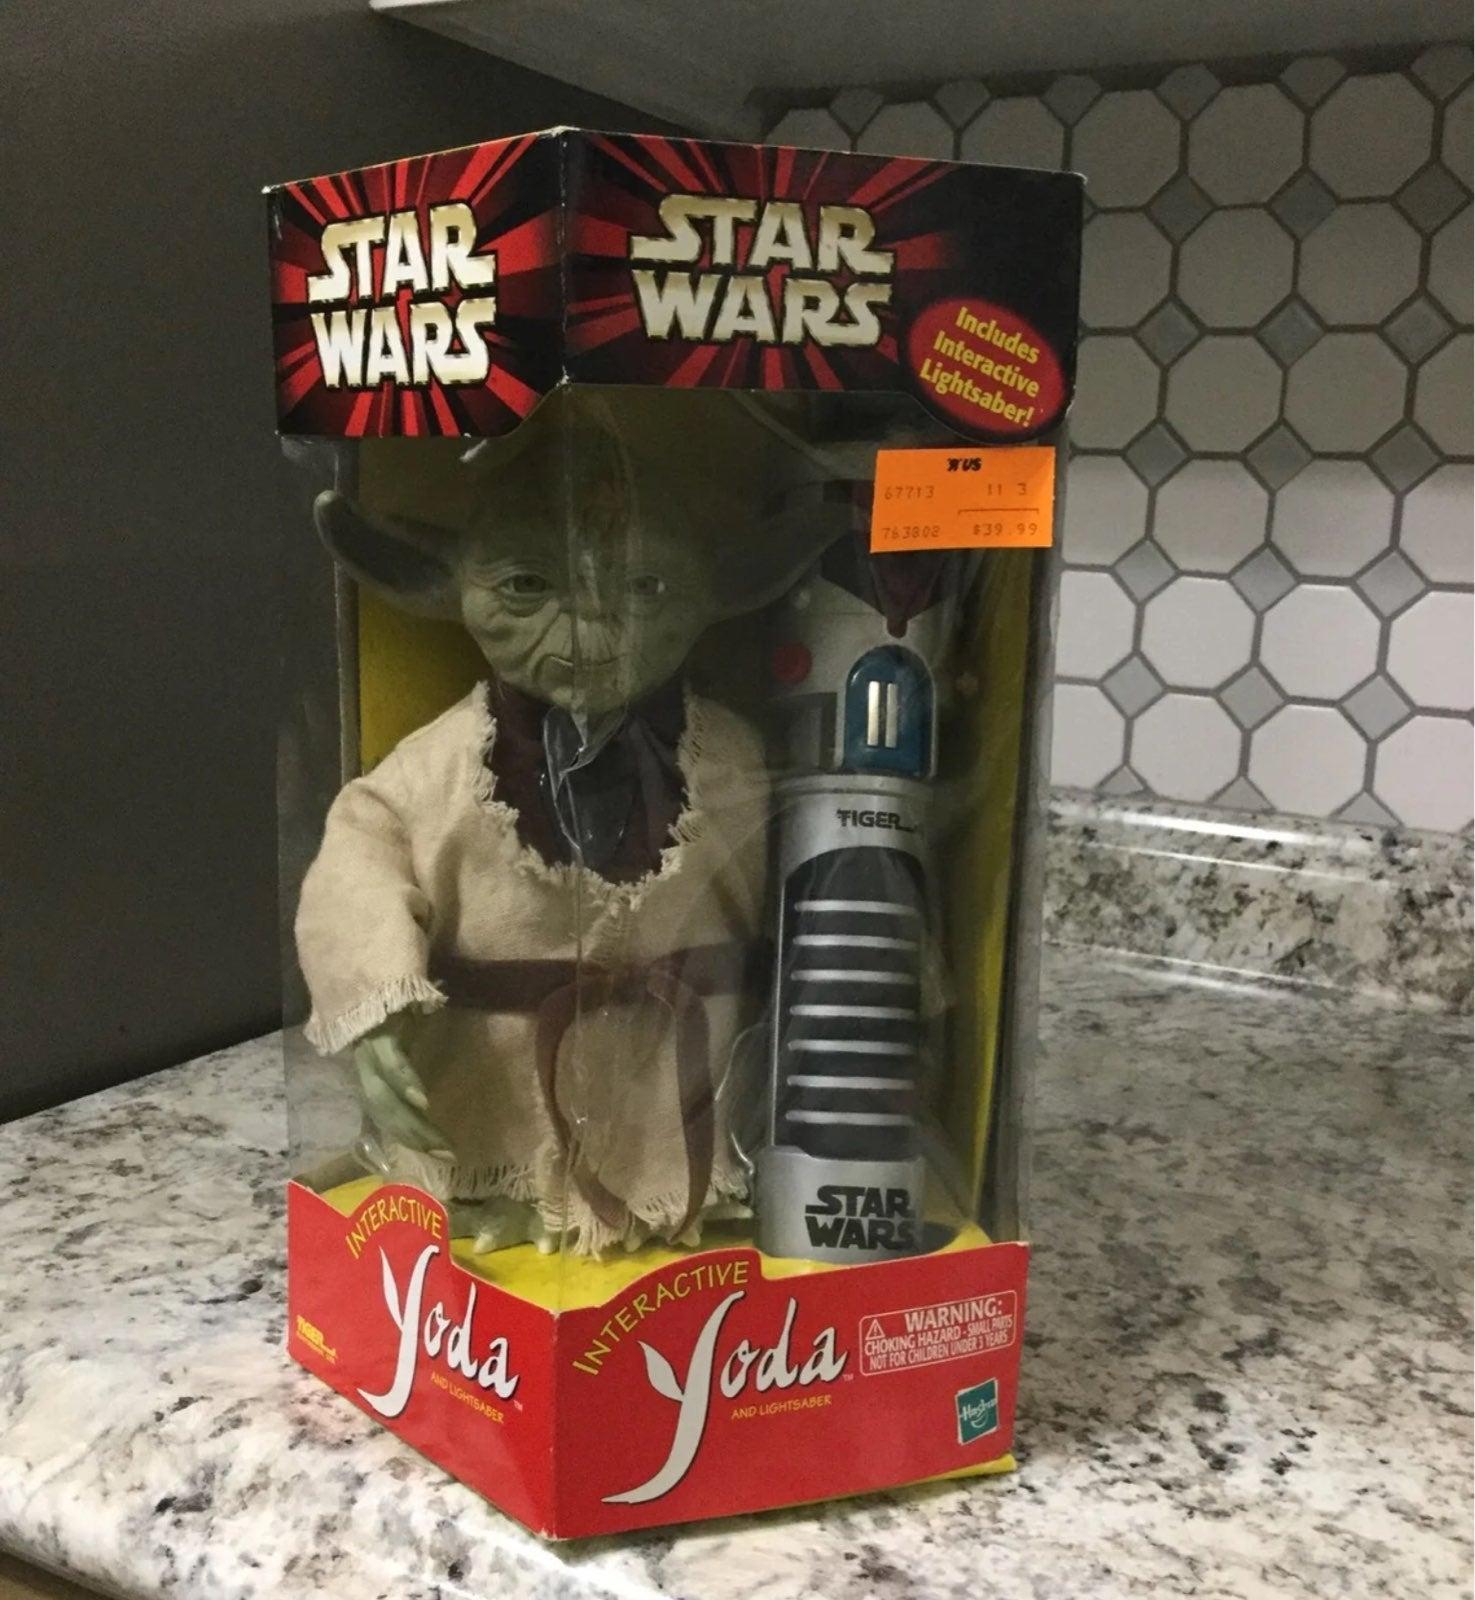 Star wars interactive Yoda